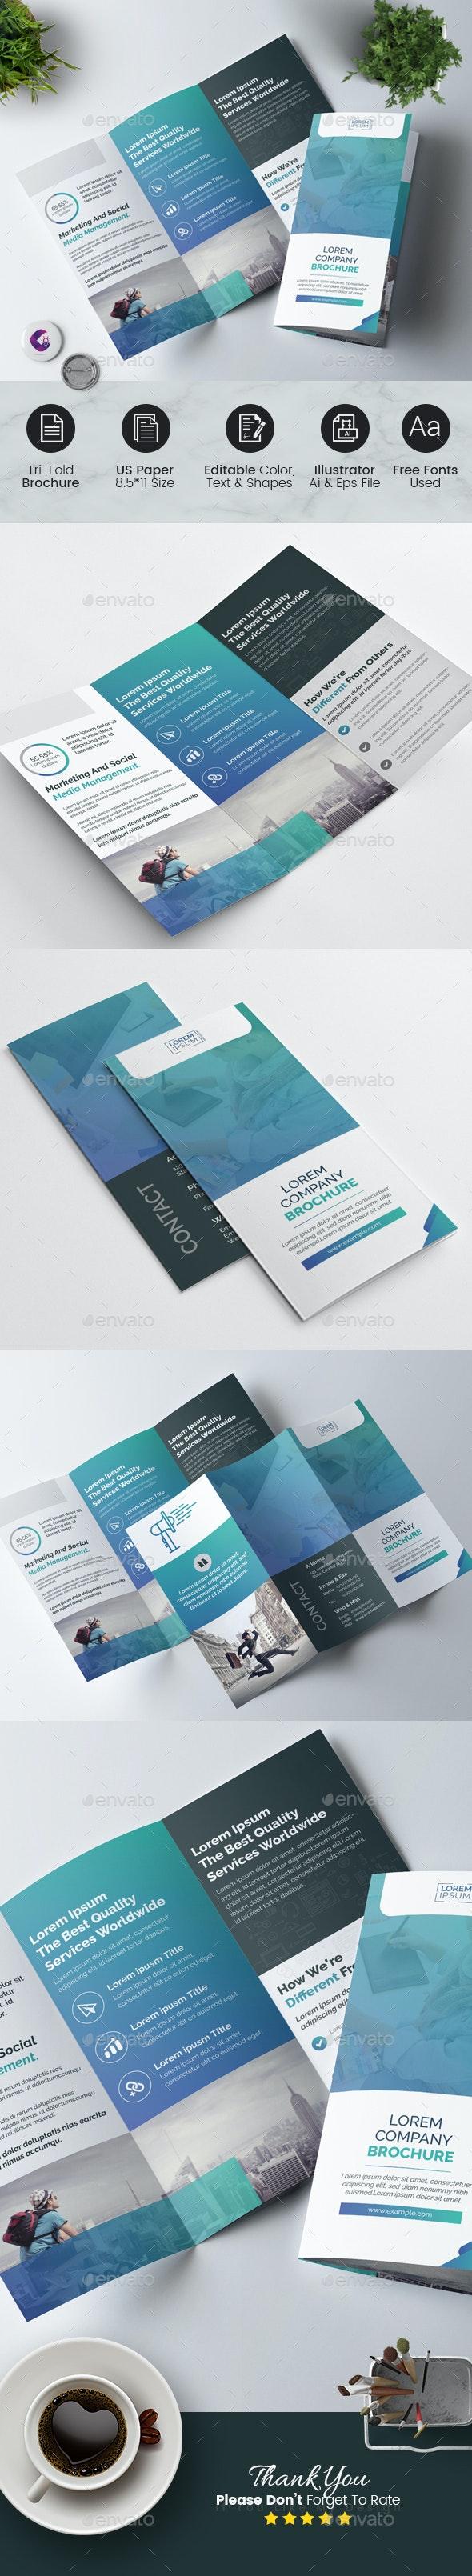 Tri Fold Brochure Template - Corporate Brochures